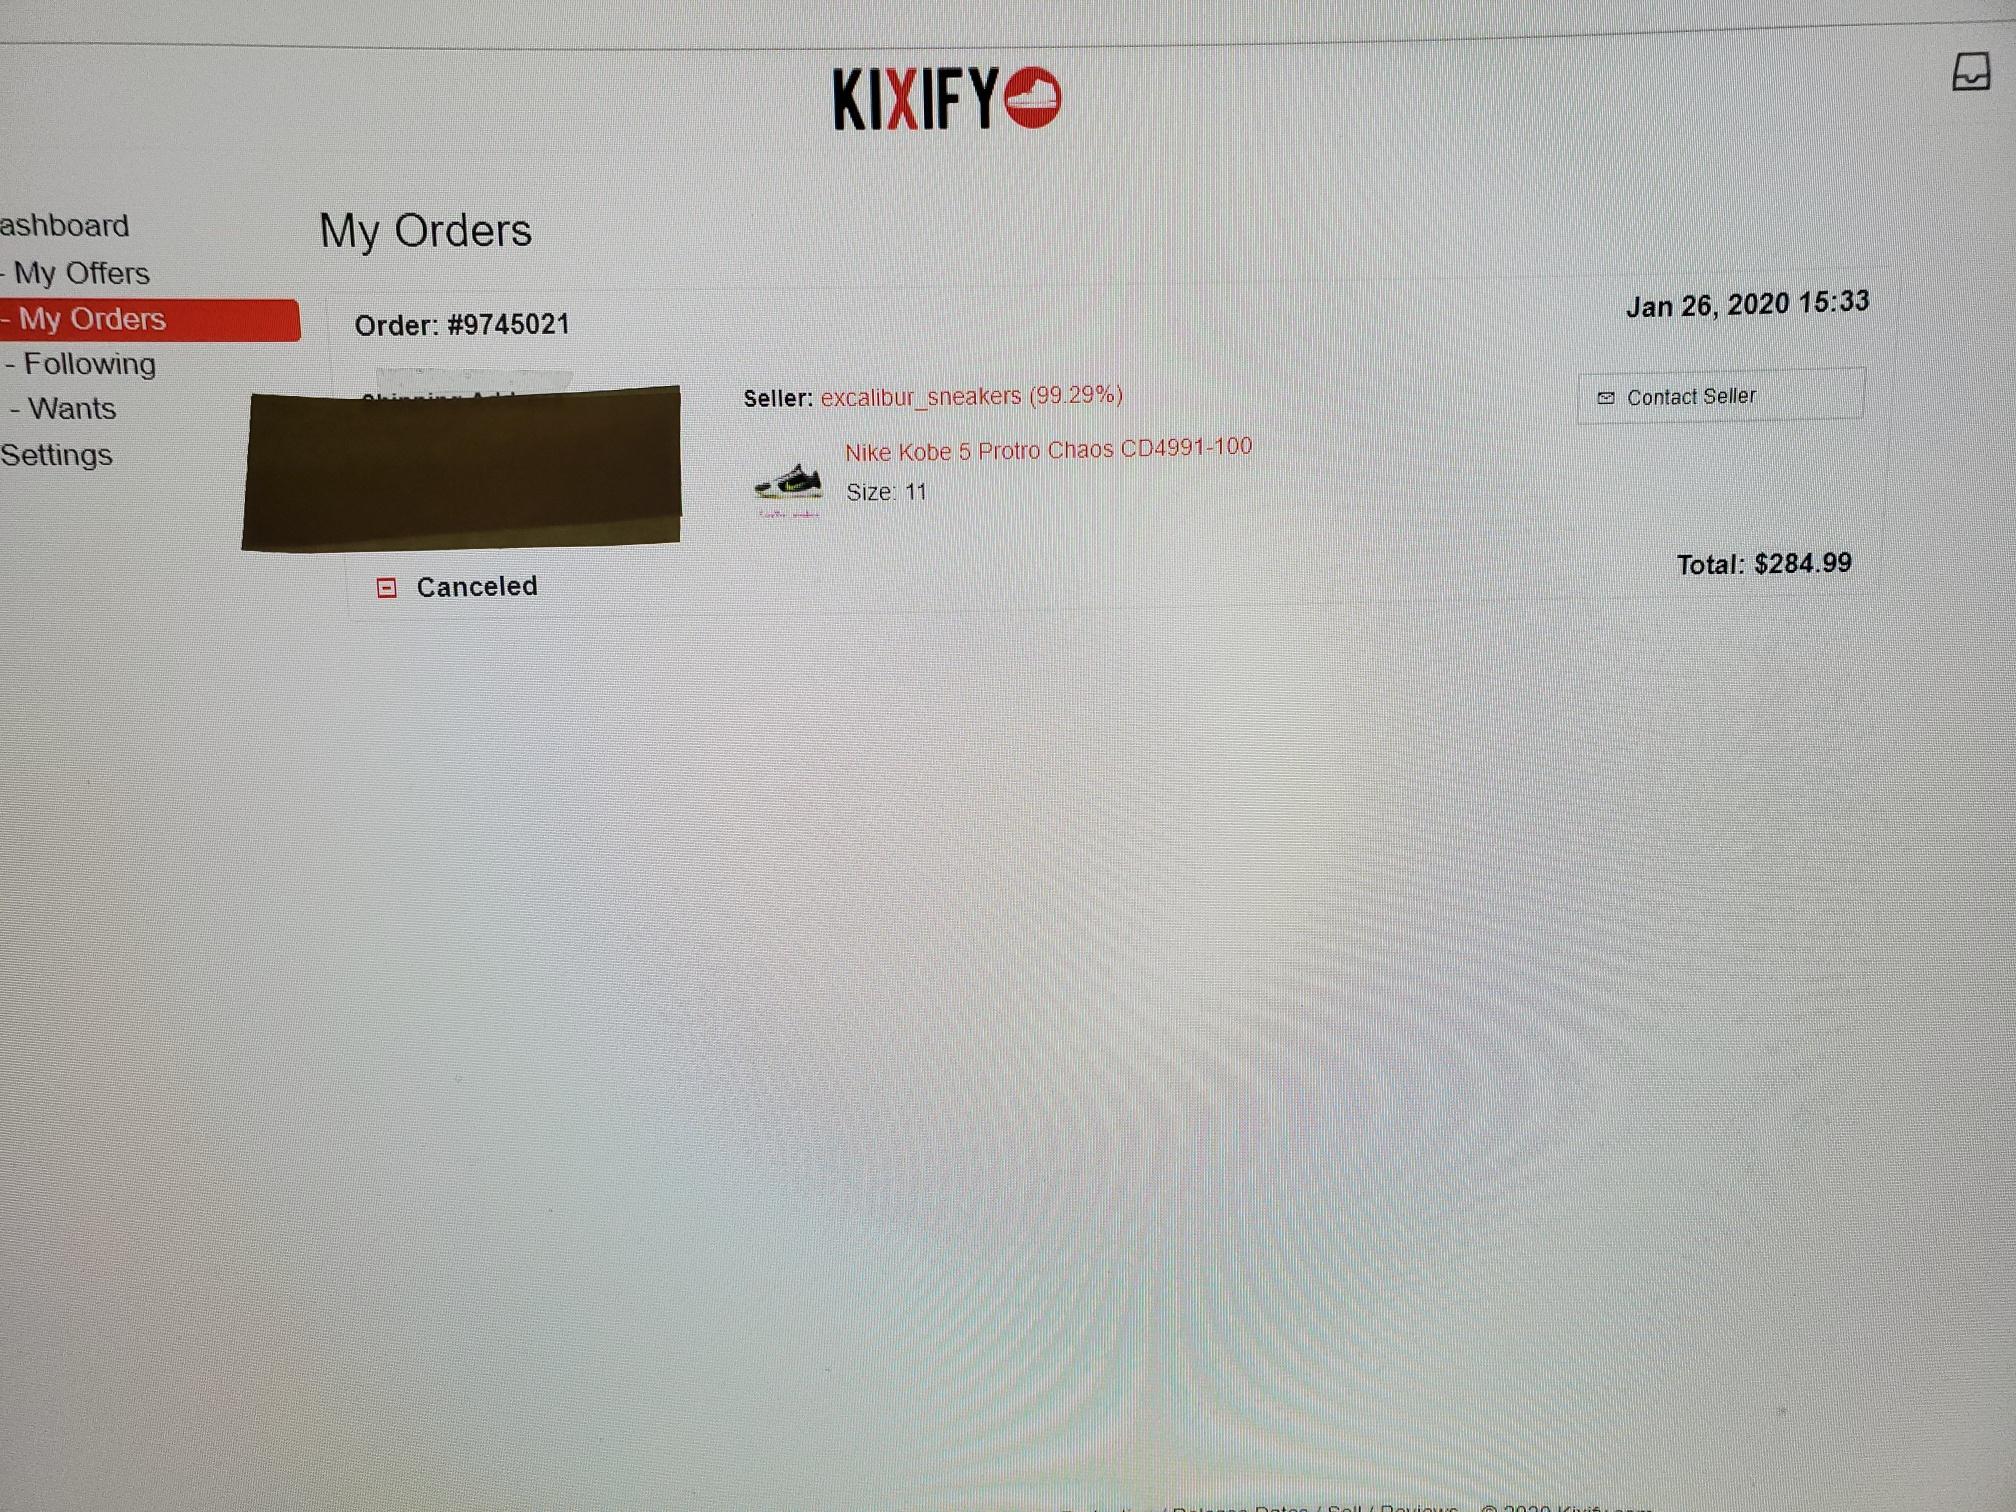 Reviews of Kixify.com